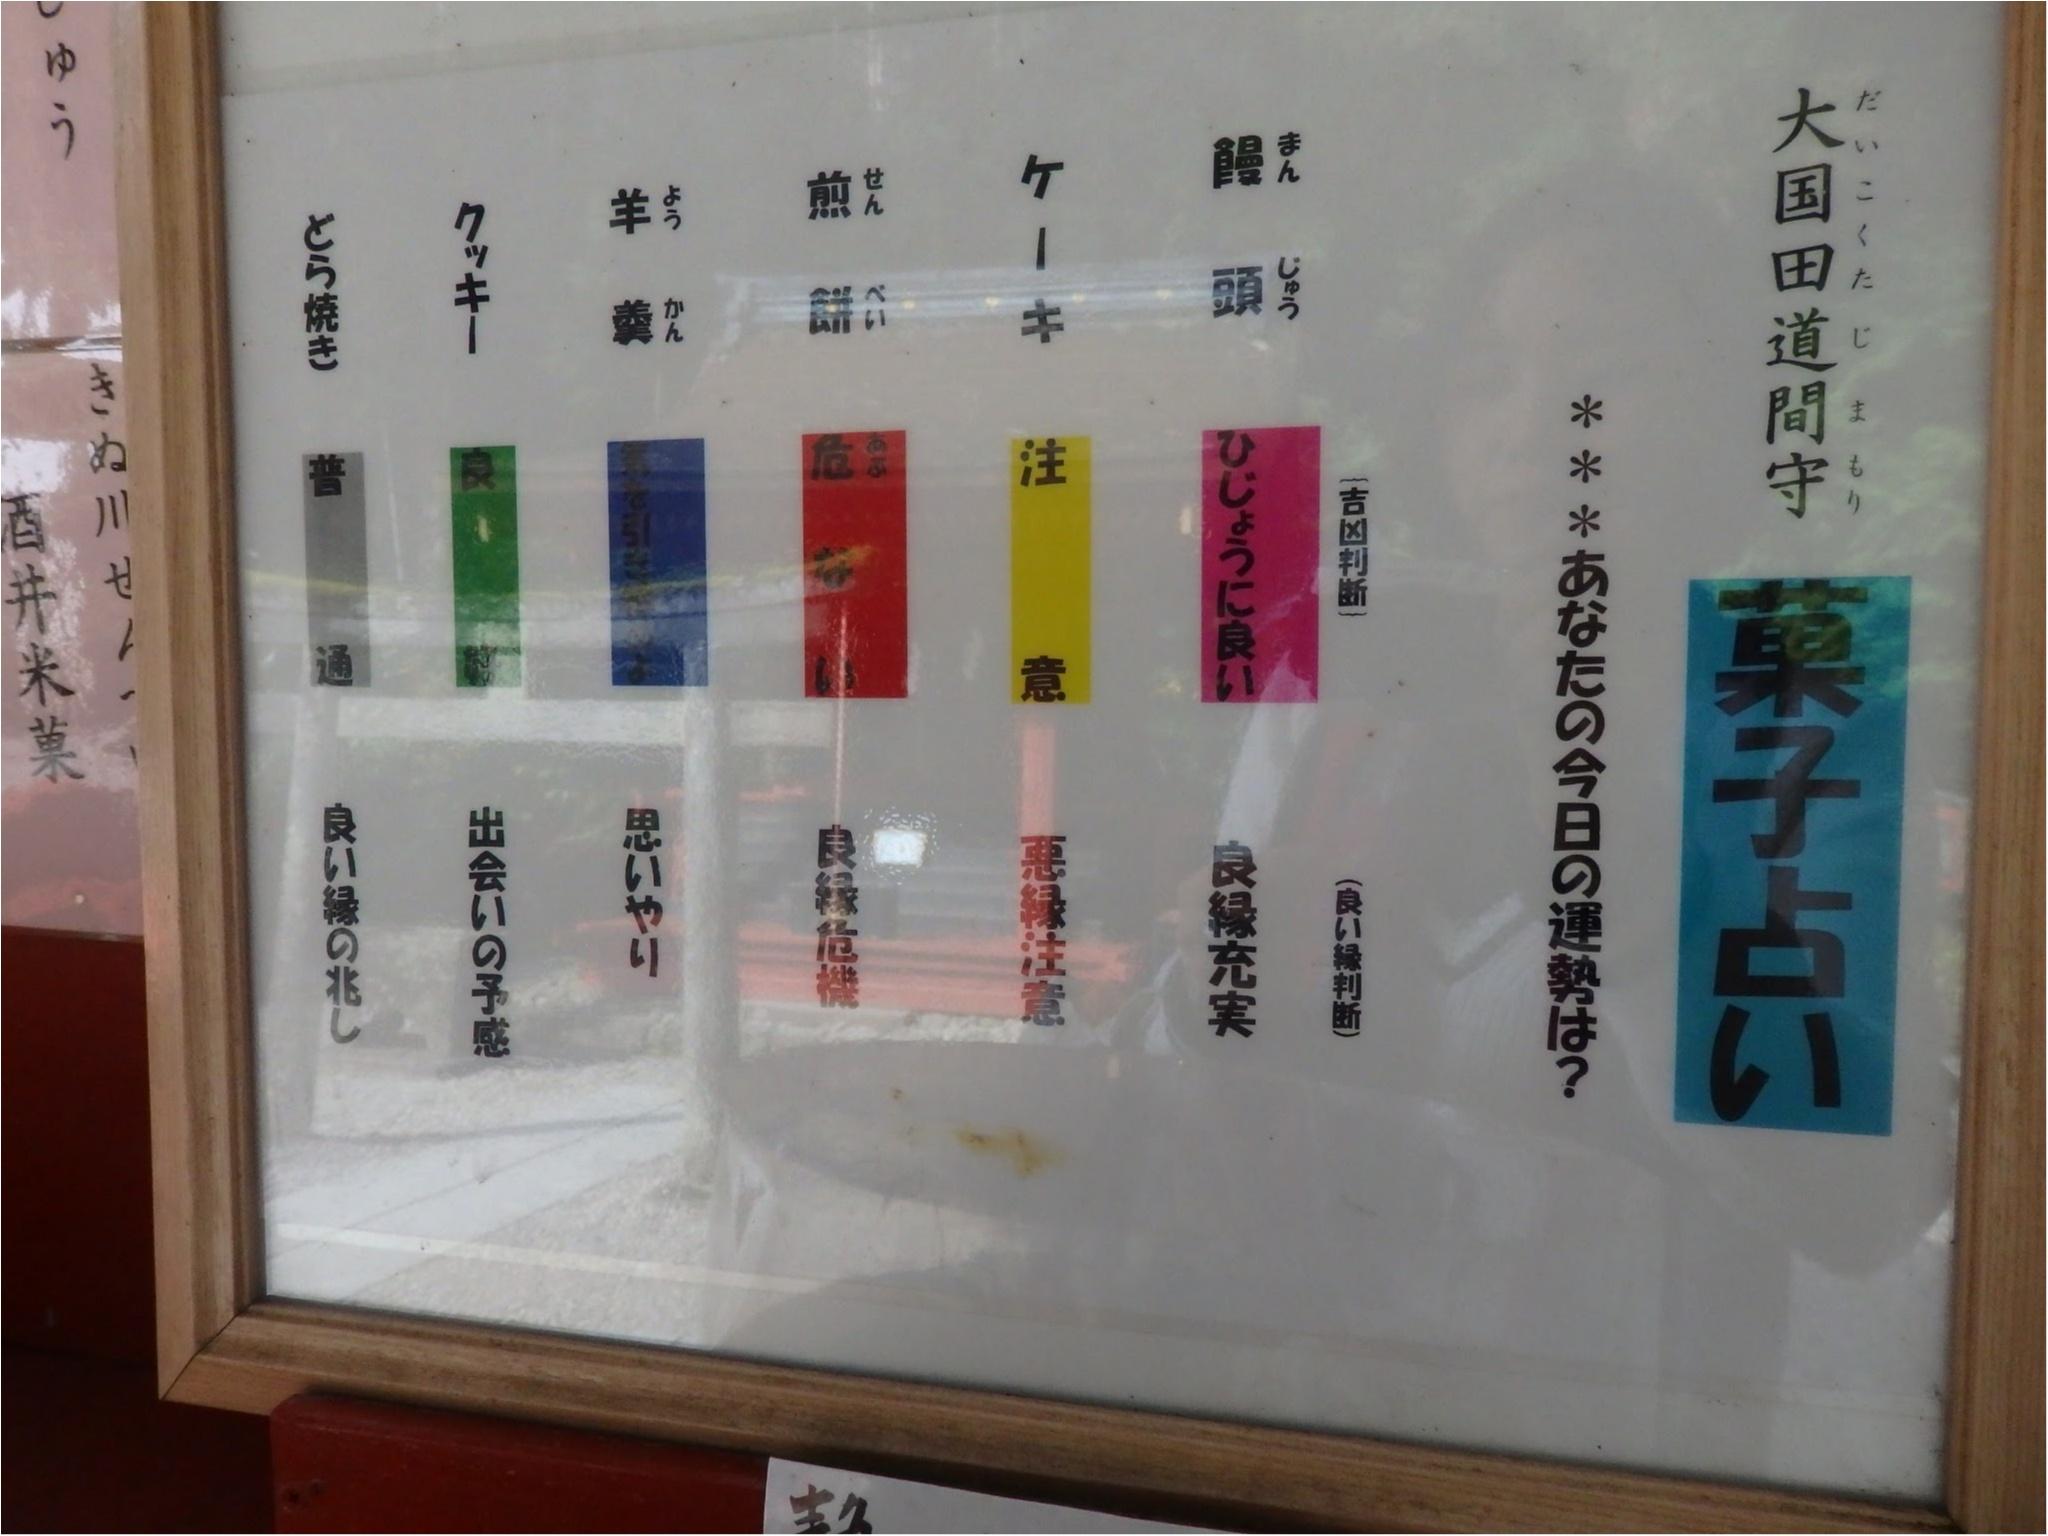 【知らなかった!】日本一楽しめる神社へ潜入してみた_46